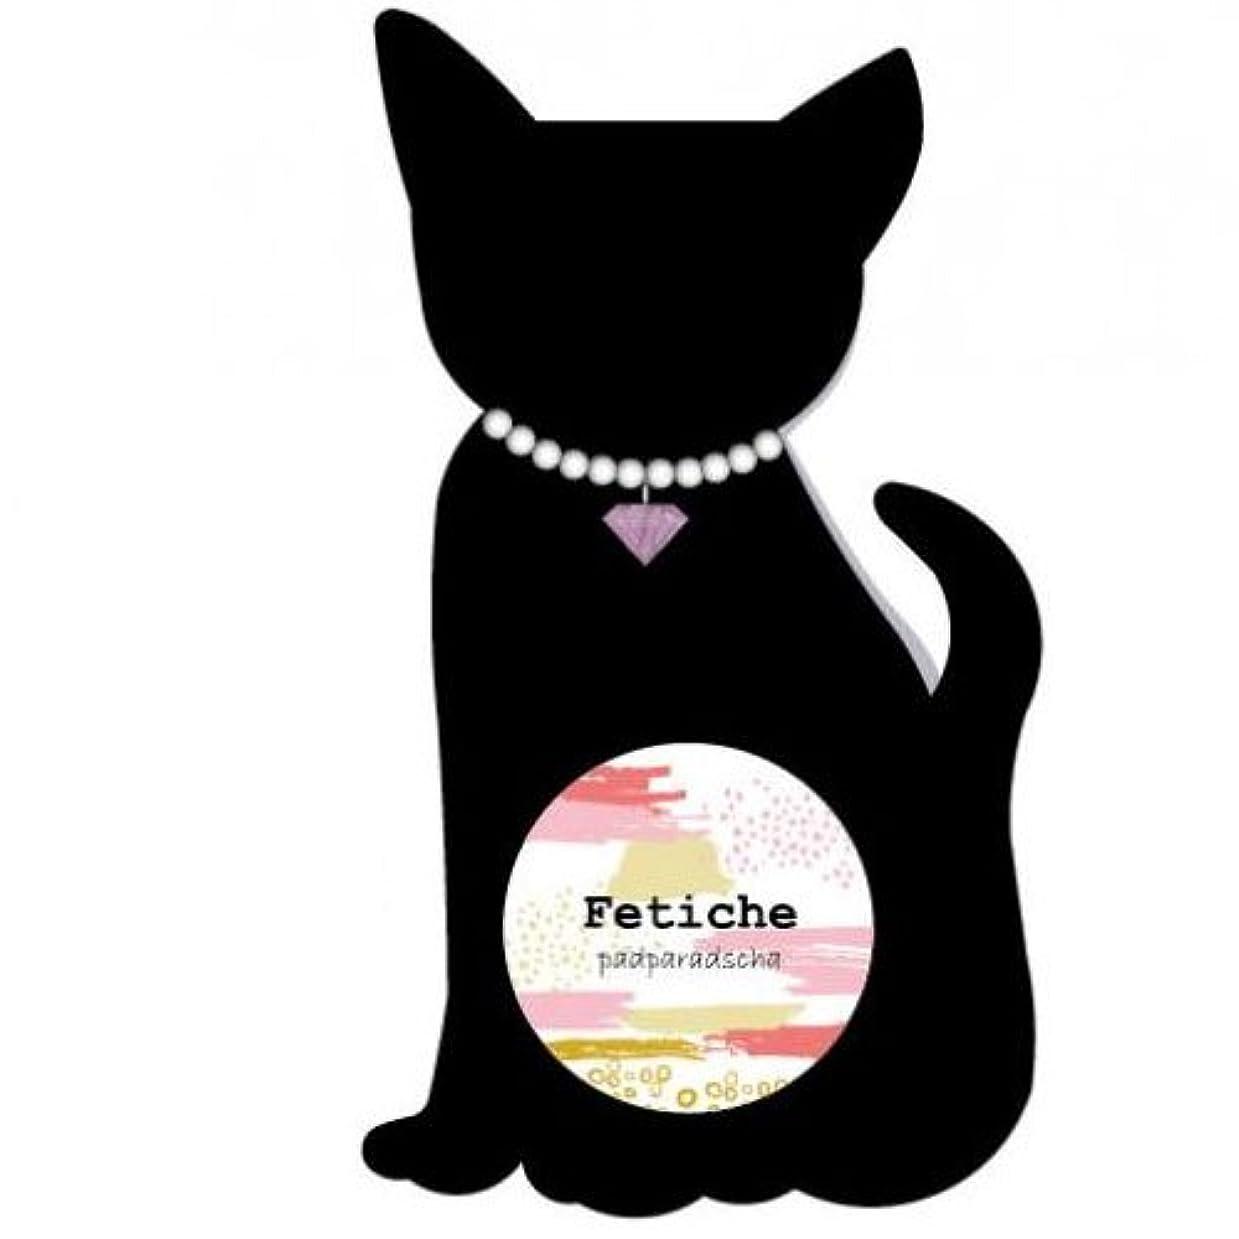 協力的過敏な免疫するFetiche(フェティチェ) フレグランスヘア&保湿クリーム 10g パパラチア(フレッシュフローラル)